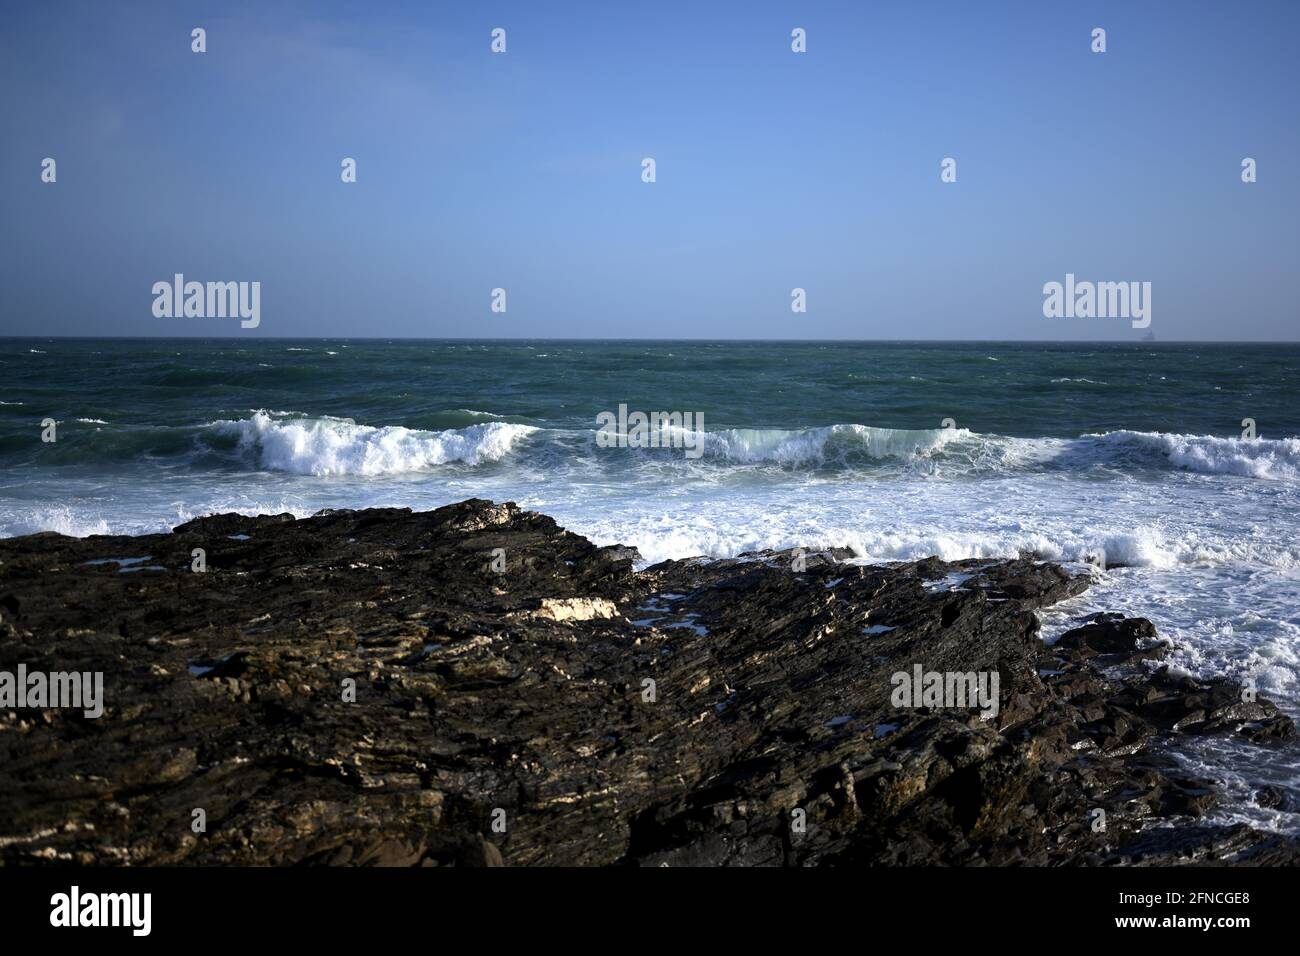 Wunderschöne Meereslandschaft mit felsiger Küste und Wellen, die auf die Felsen krachen, felsiges und zerklüftete Küstenkonzept Stockfoto